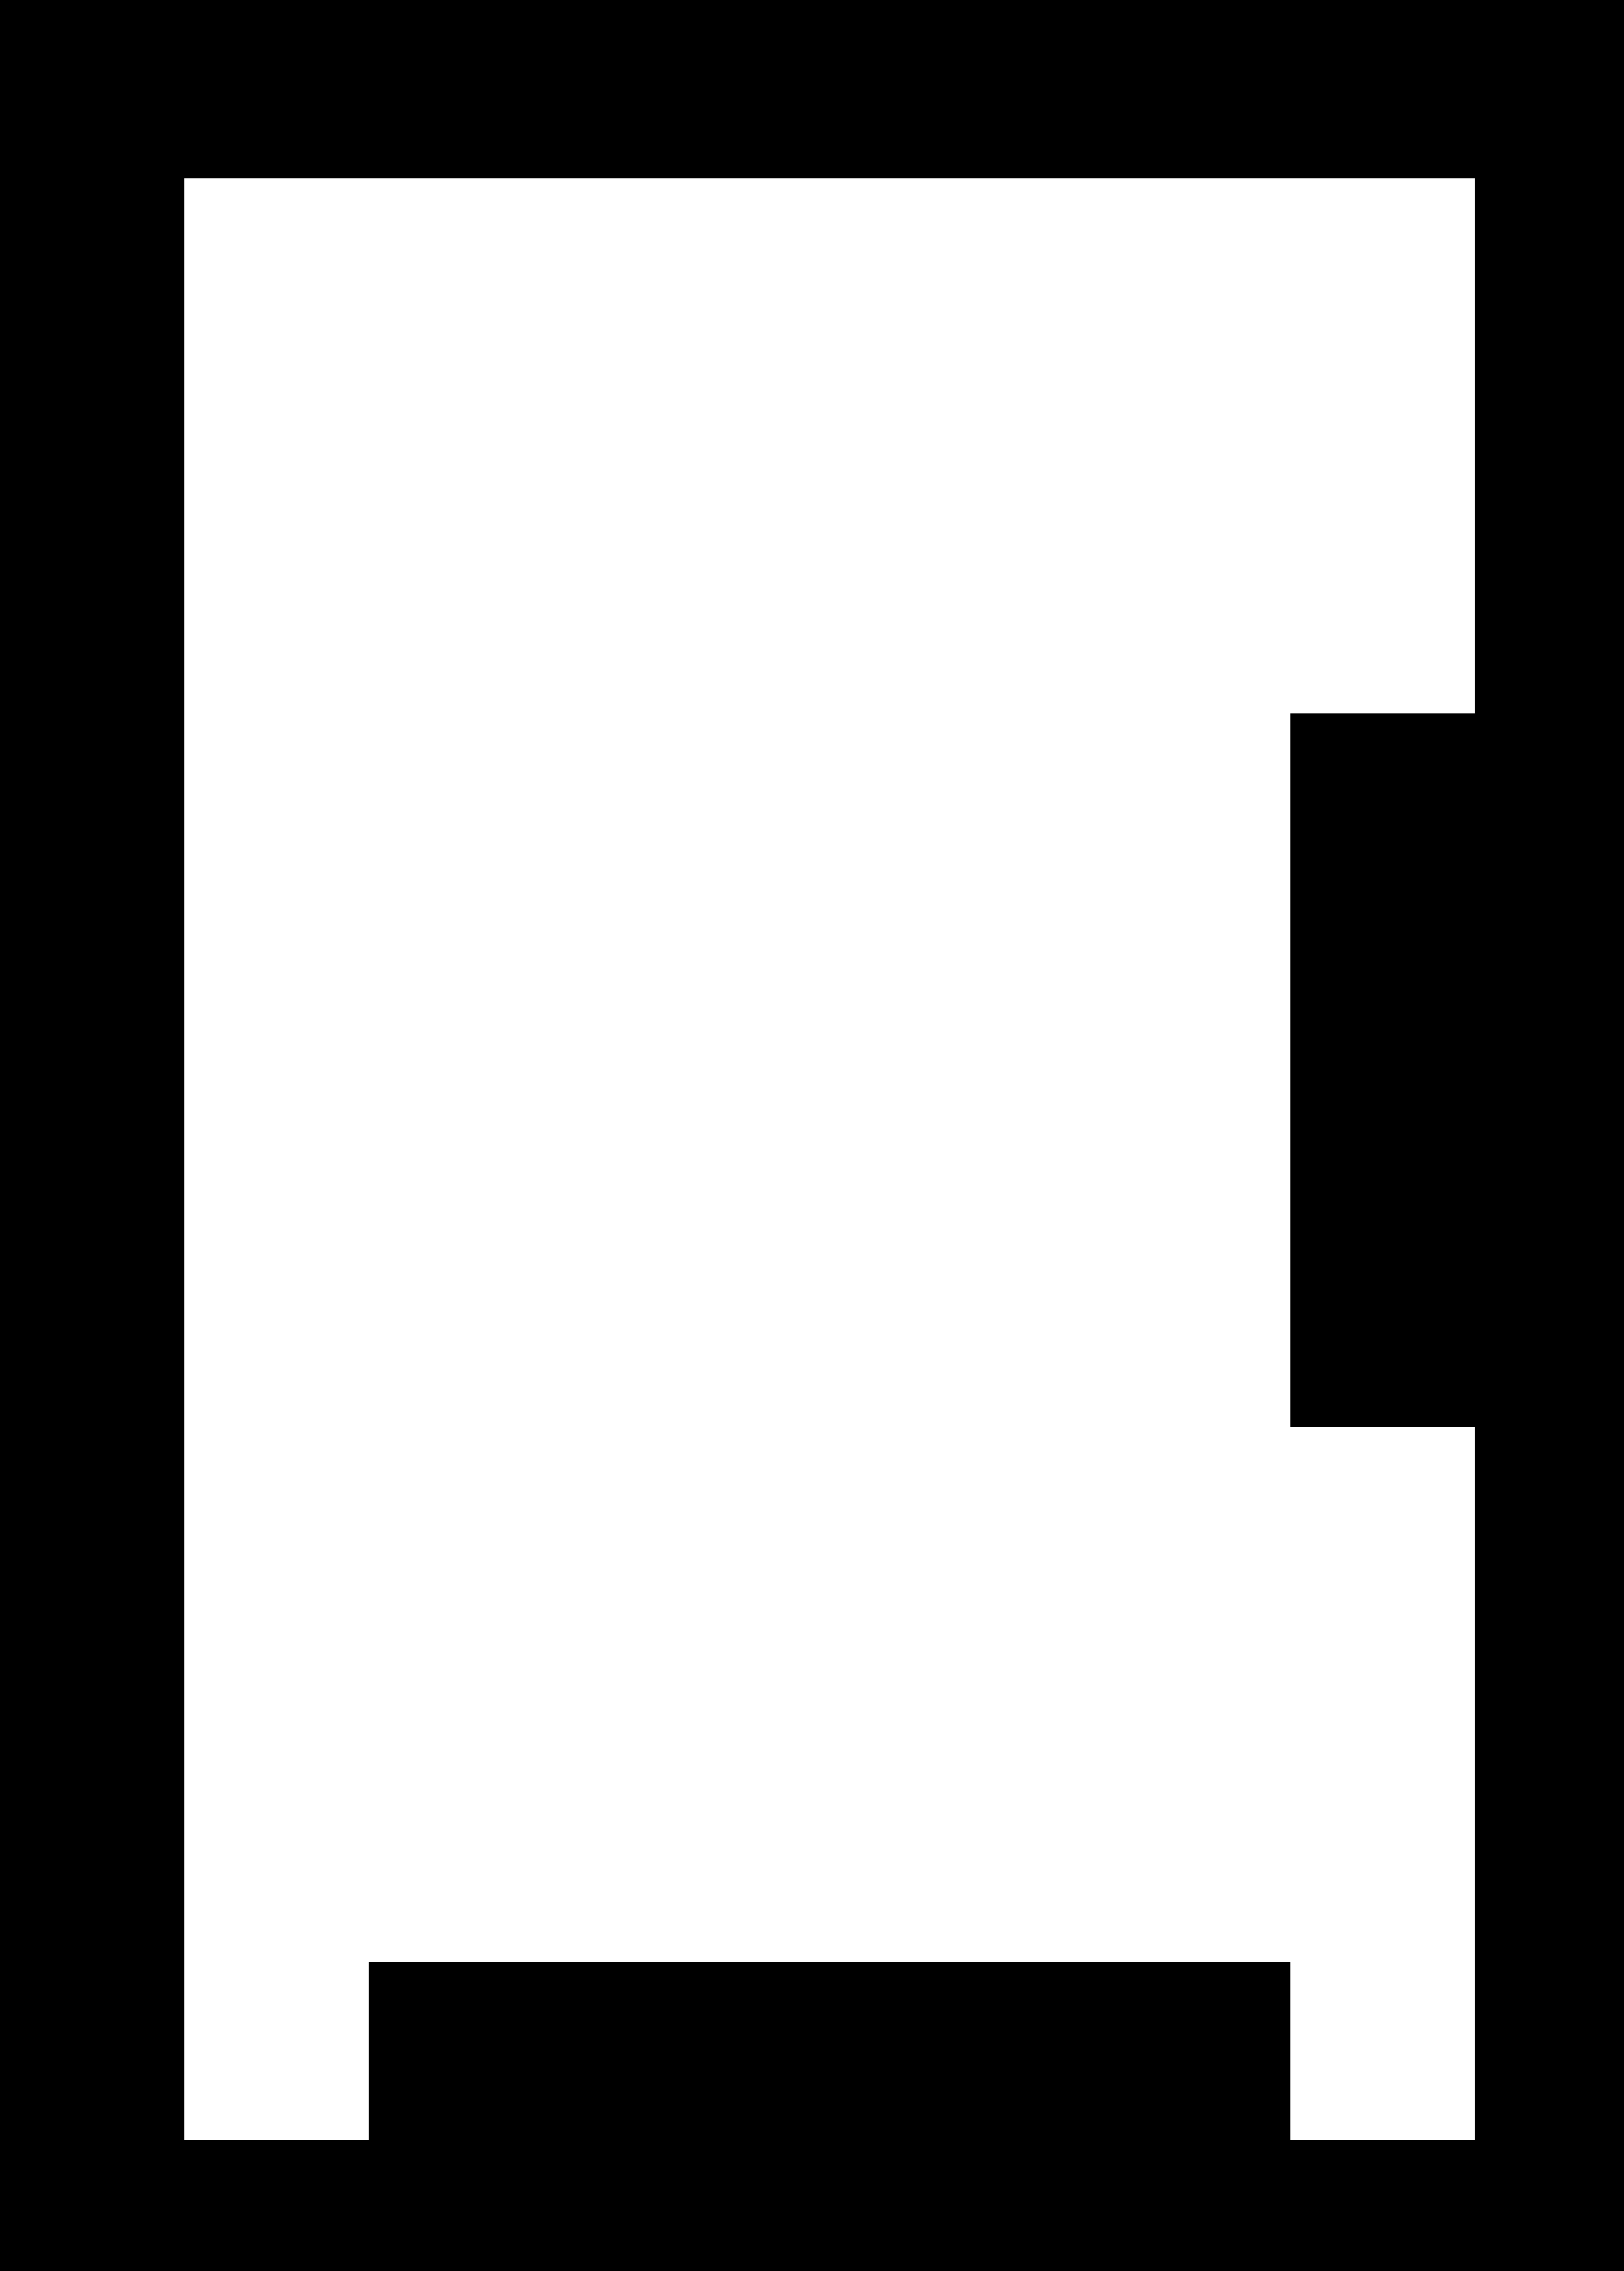 Строгие Черно белые Каталог файлов Бесплатно рамки грамоты  Перейти на страницу материала